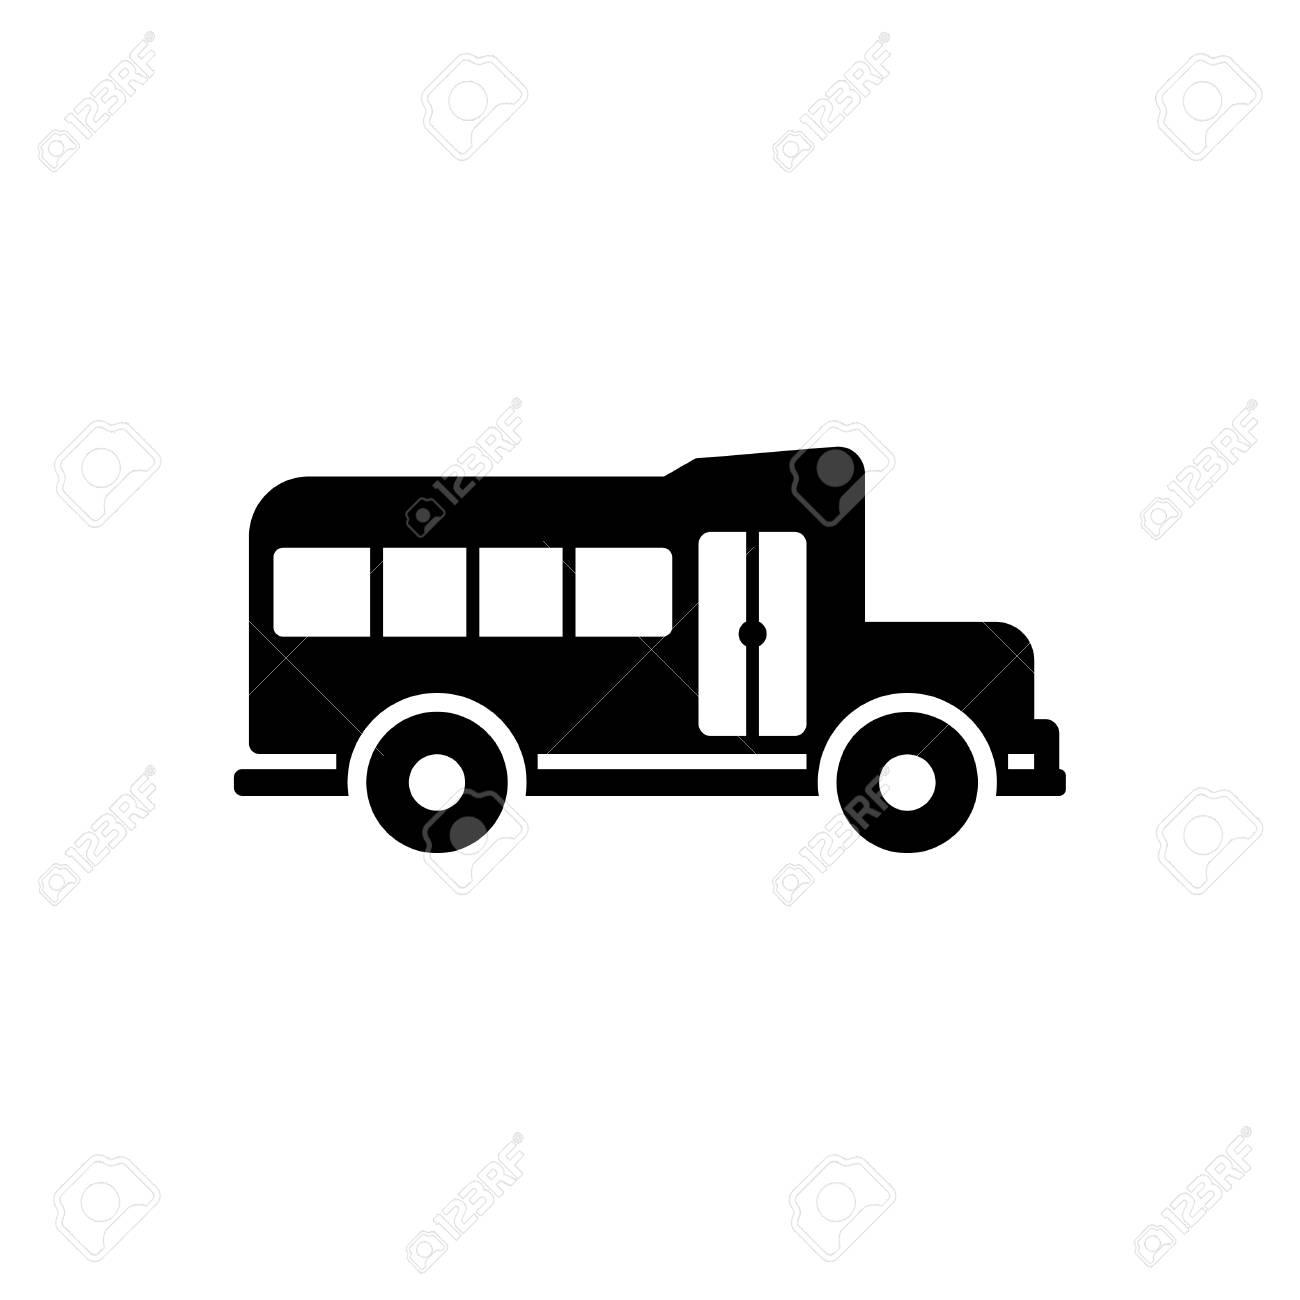 a9e52719fce School van icon vector isolated - bus icon vector black Stock Vector -  110118336